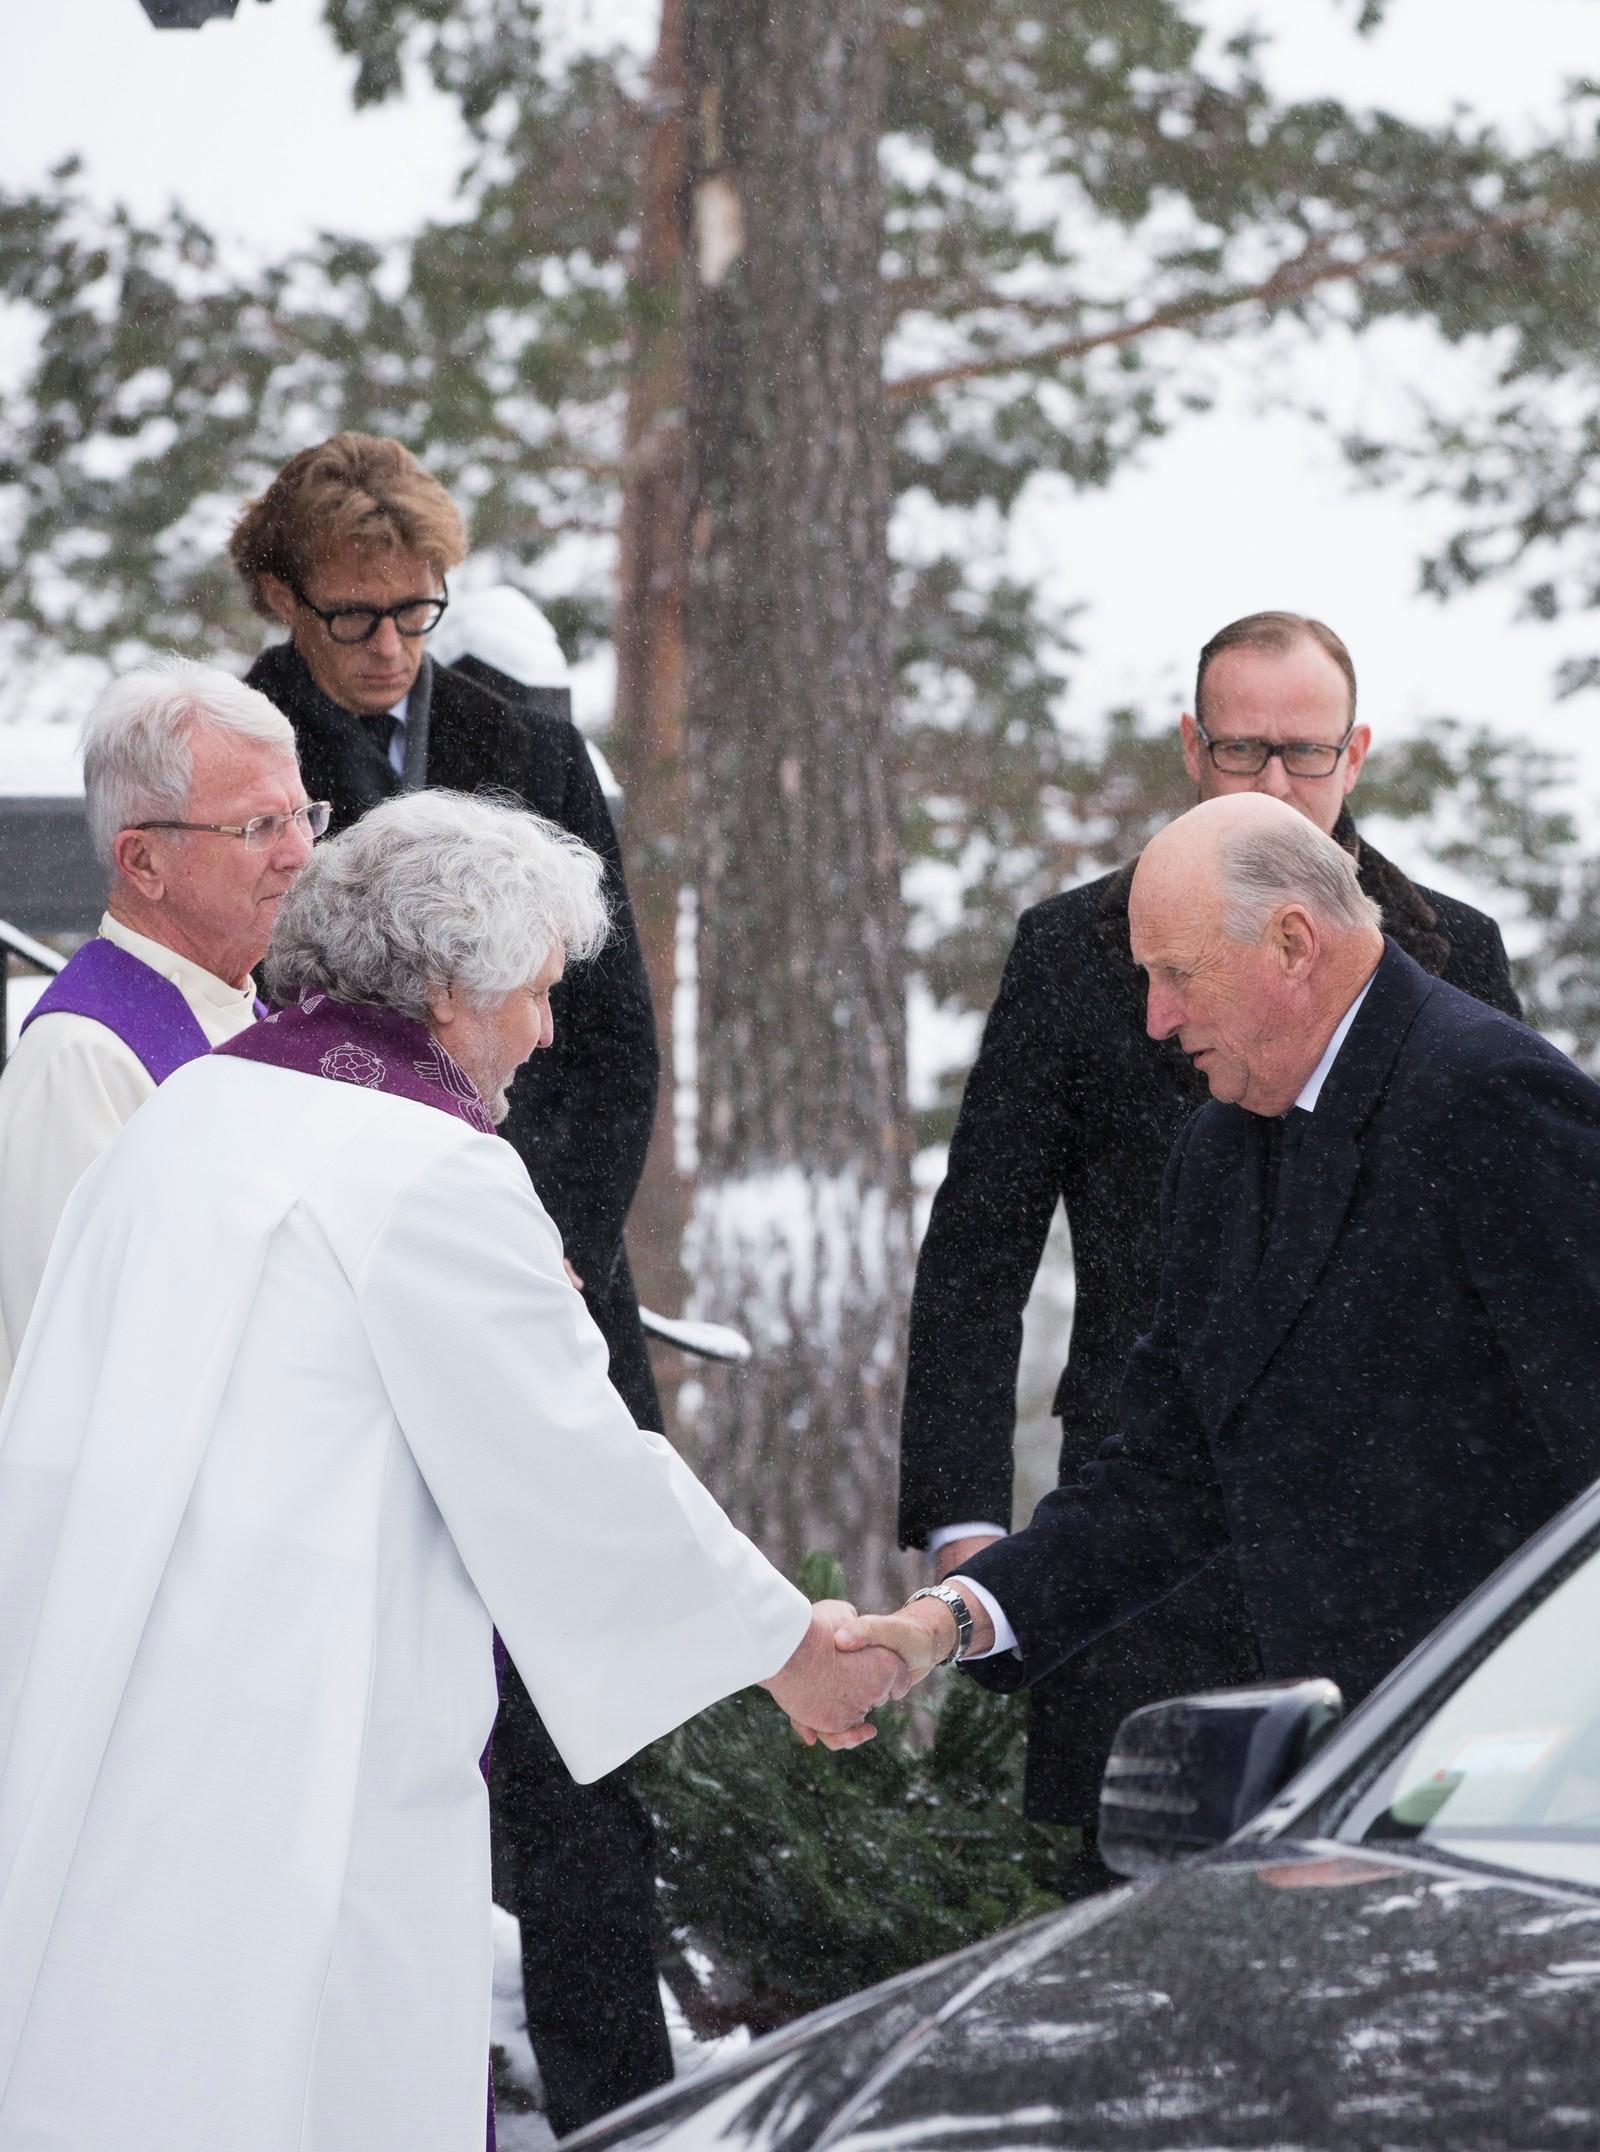 Kong Harald blir tatt imot av biskop Sigurd Oseberg og sogneprest Jan-Erik Heffermehl ved ankommer Holmenkollen kapell der Johan Martin Ferner bisettes mandag. Foto: Berit Roald / NTB scanpix